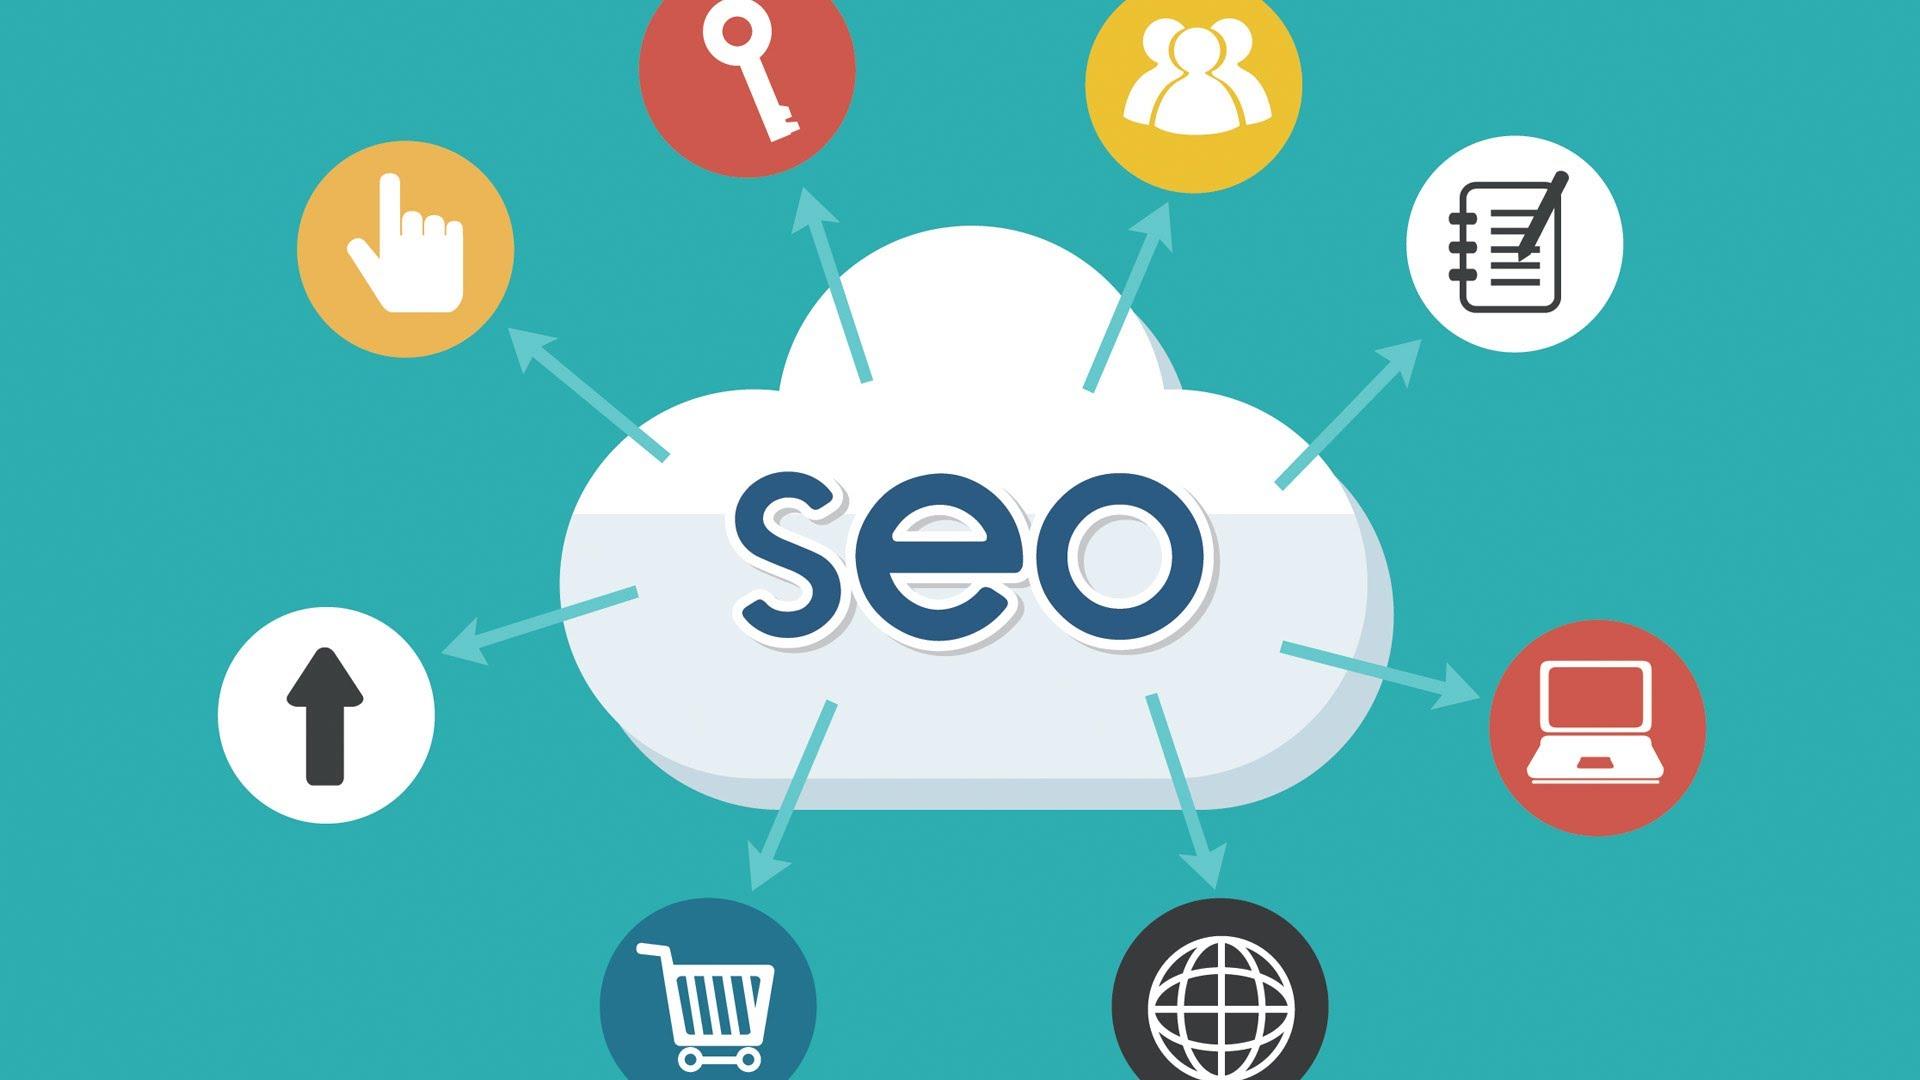 Các bước giúp bạn SEO hiệu quả cho một website - WEBICO.VN